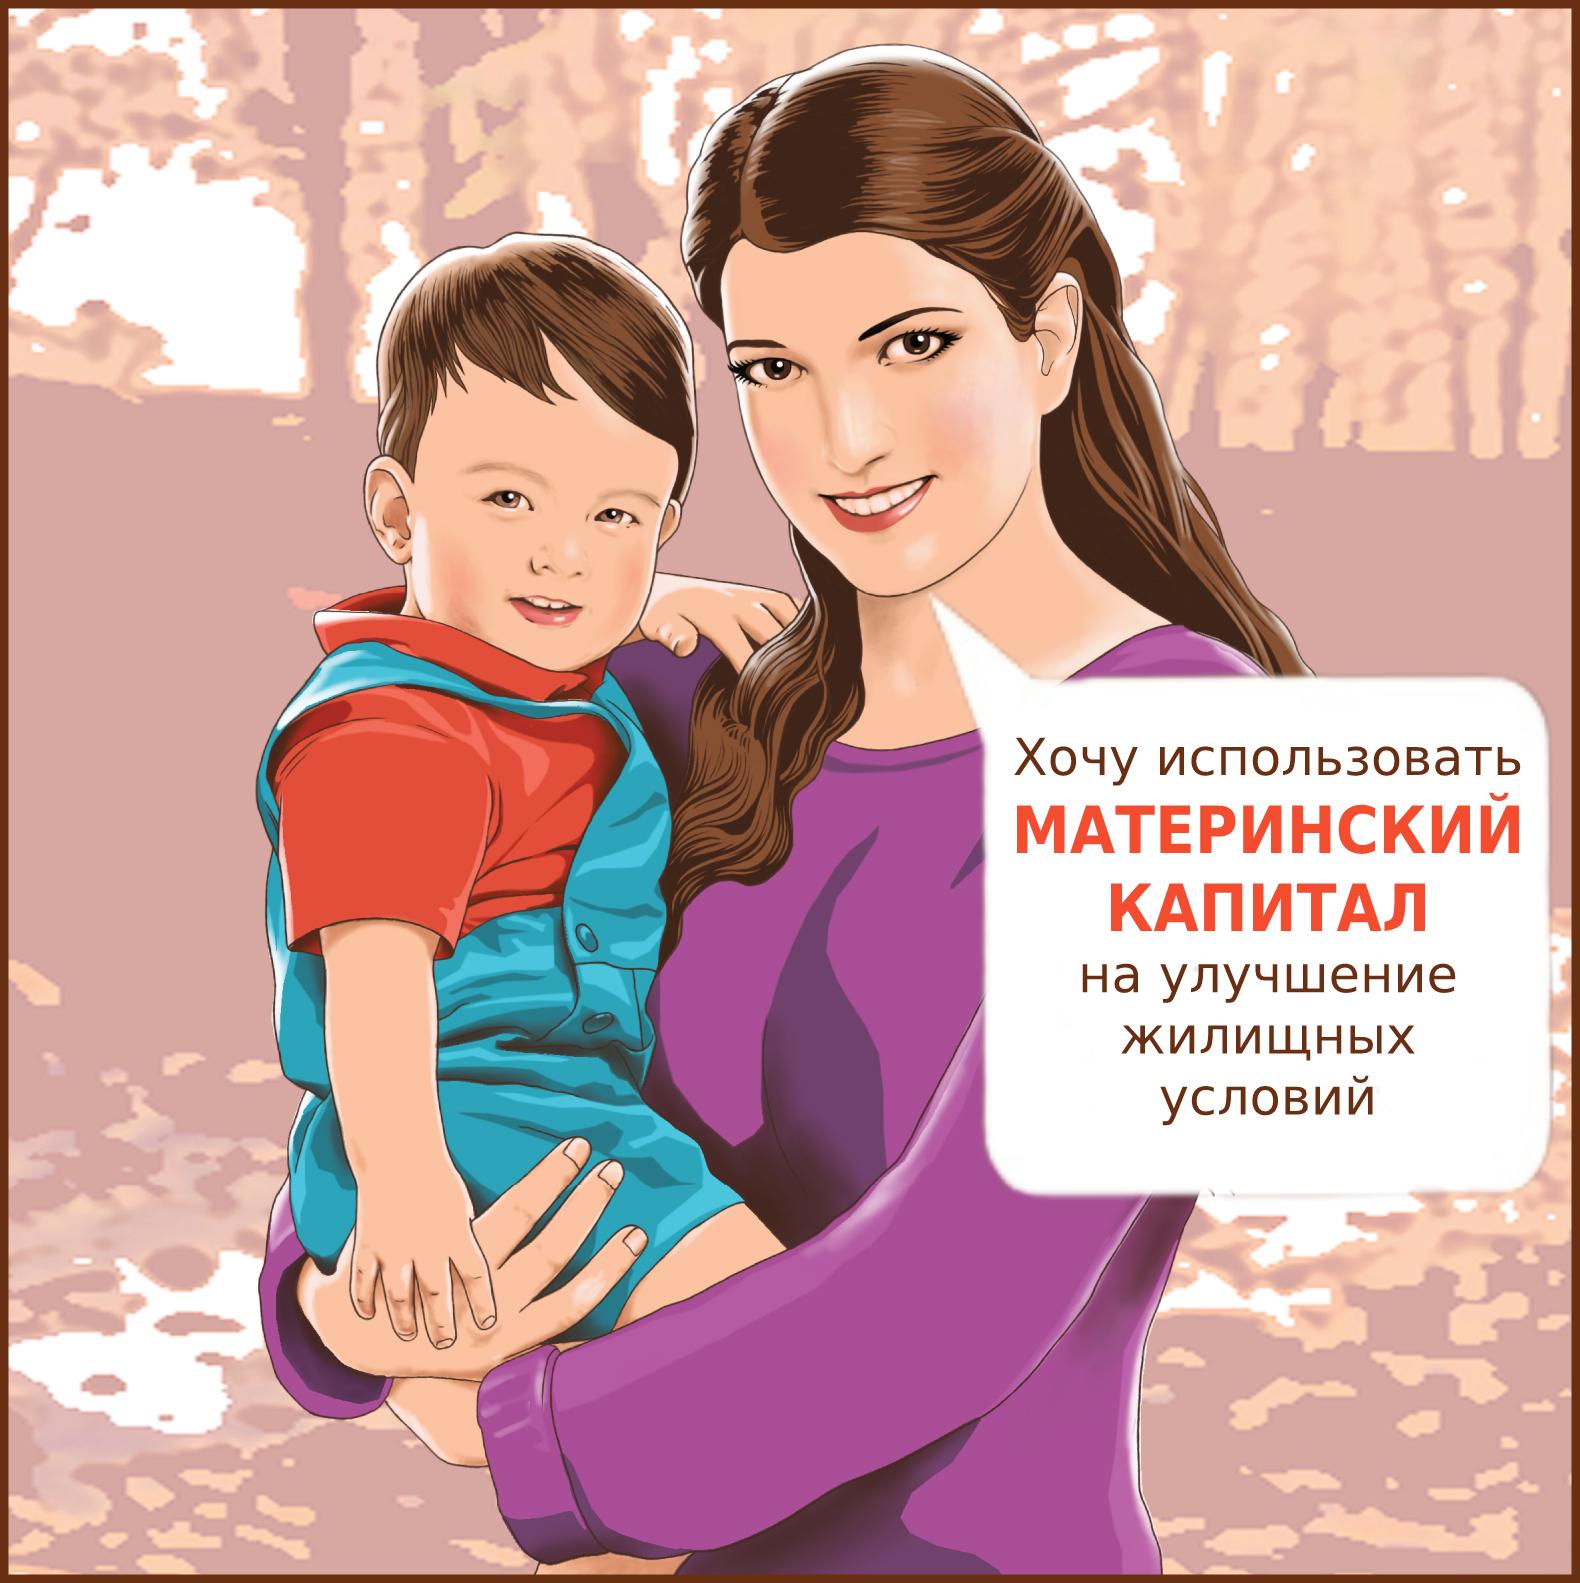 Заявка на получение займа под материнский (семейный) капитал